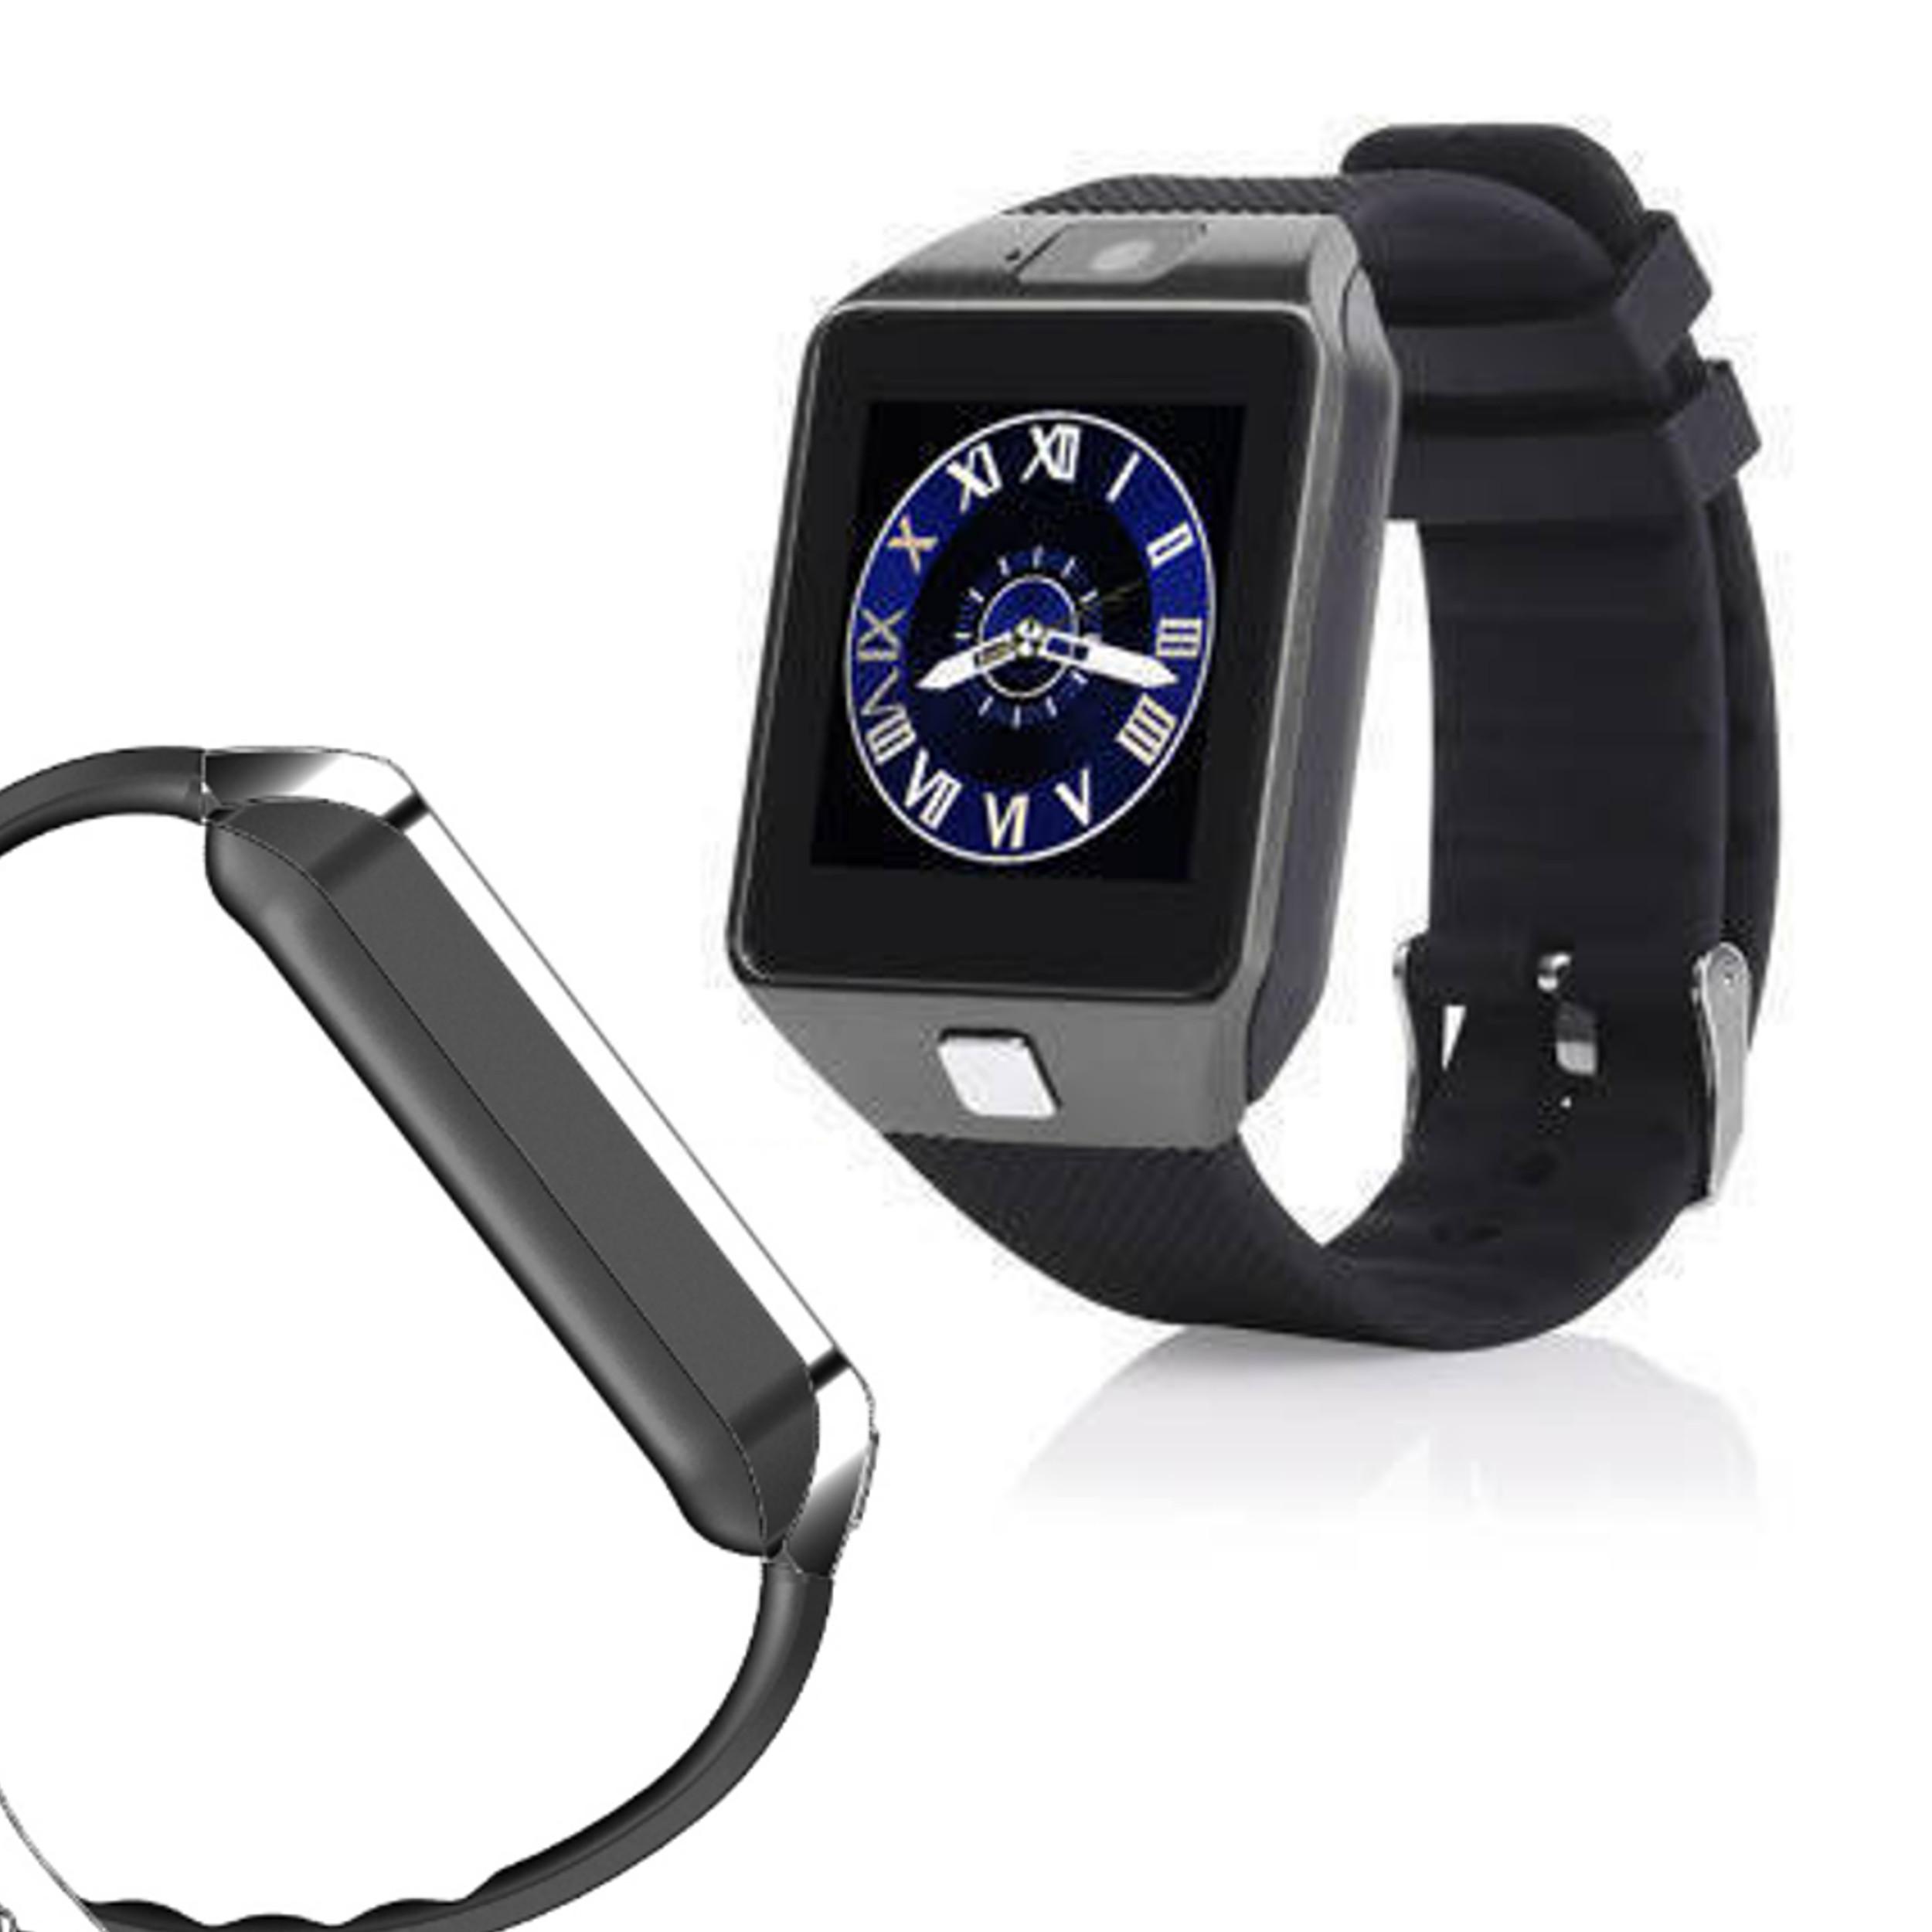 SMARTWATCH zegarek PL MENU SAMSUNG GALAXY J2 2016